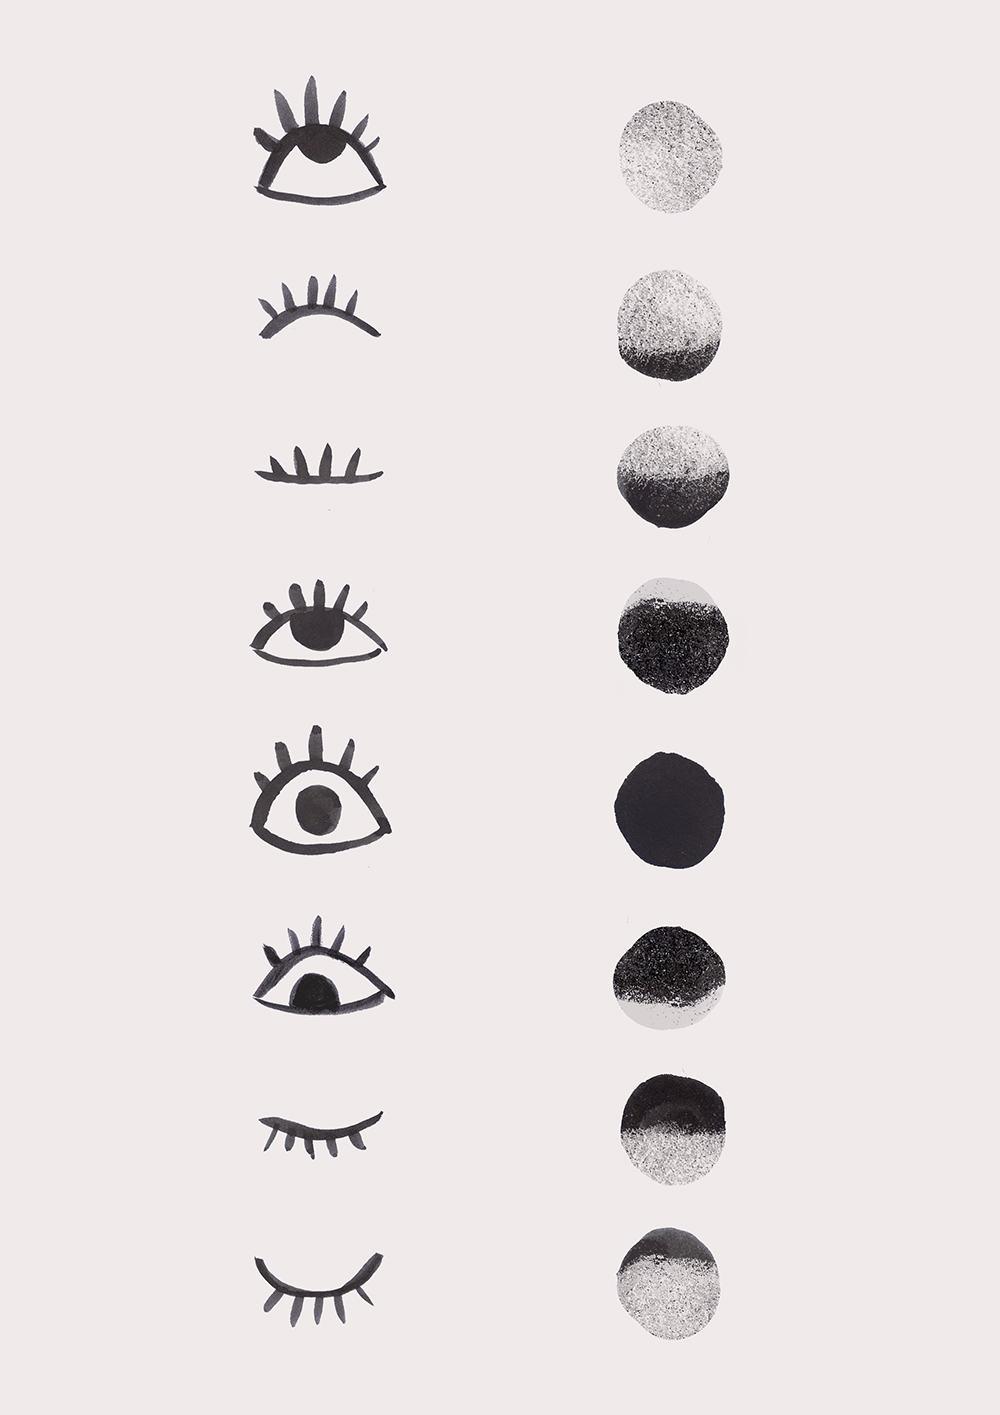 full-moon-illustration-kinlake-linda-dieschbourg